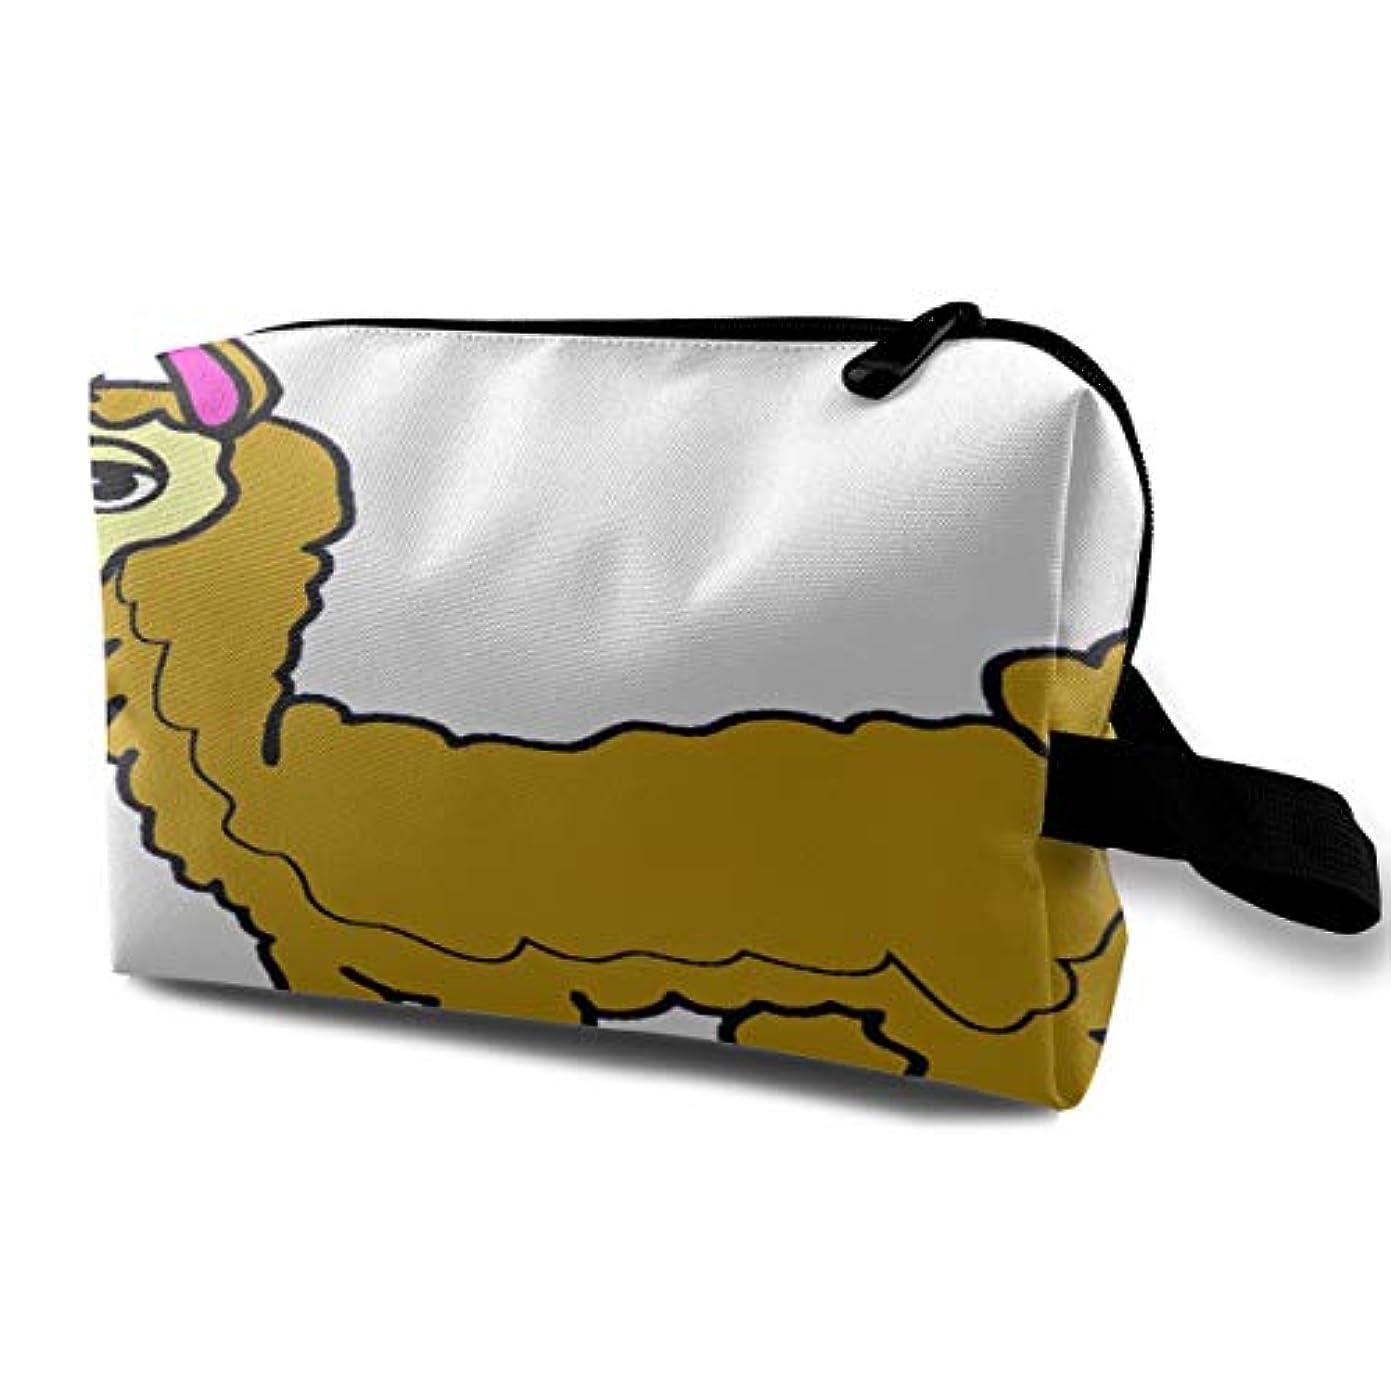 神経スキム音Cute Funny Llama 収納ポーチ 化粧ポーチ 大容量 軽量 耐久性 ハンドル付持ち運び便利。入れ 自宅?出張?旅行?アウトドア撮影などに対応。メンズ レディース トラベルグッズ